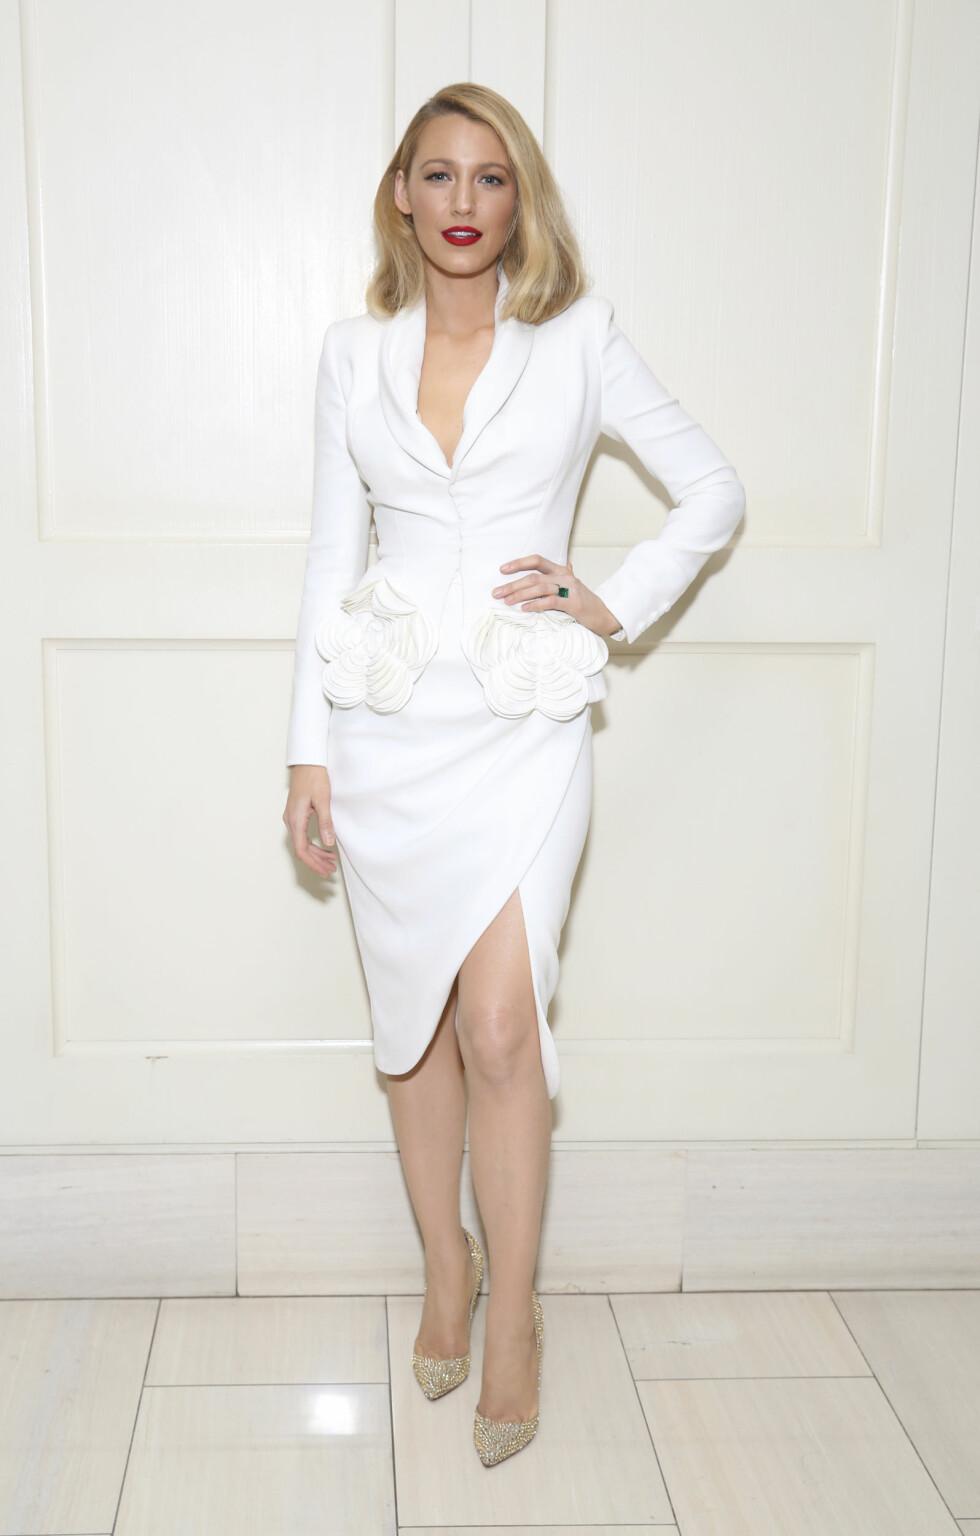 4. Da hun deltok på visningen av «All I see is you» i denne helhvite kjoledressen. Foto: NTB Scanpix